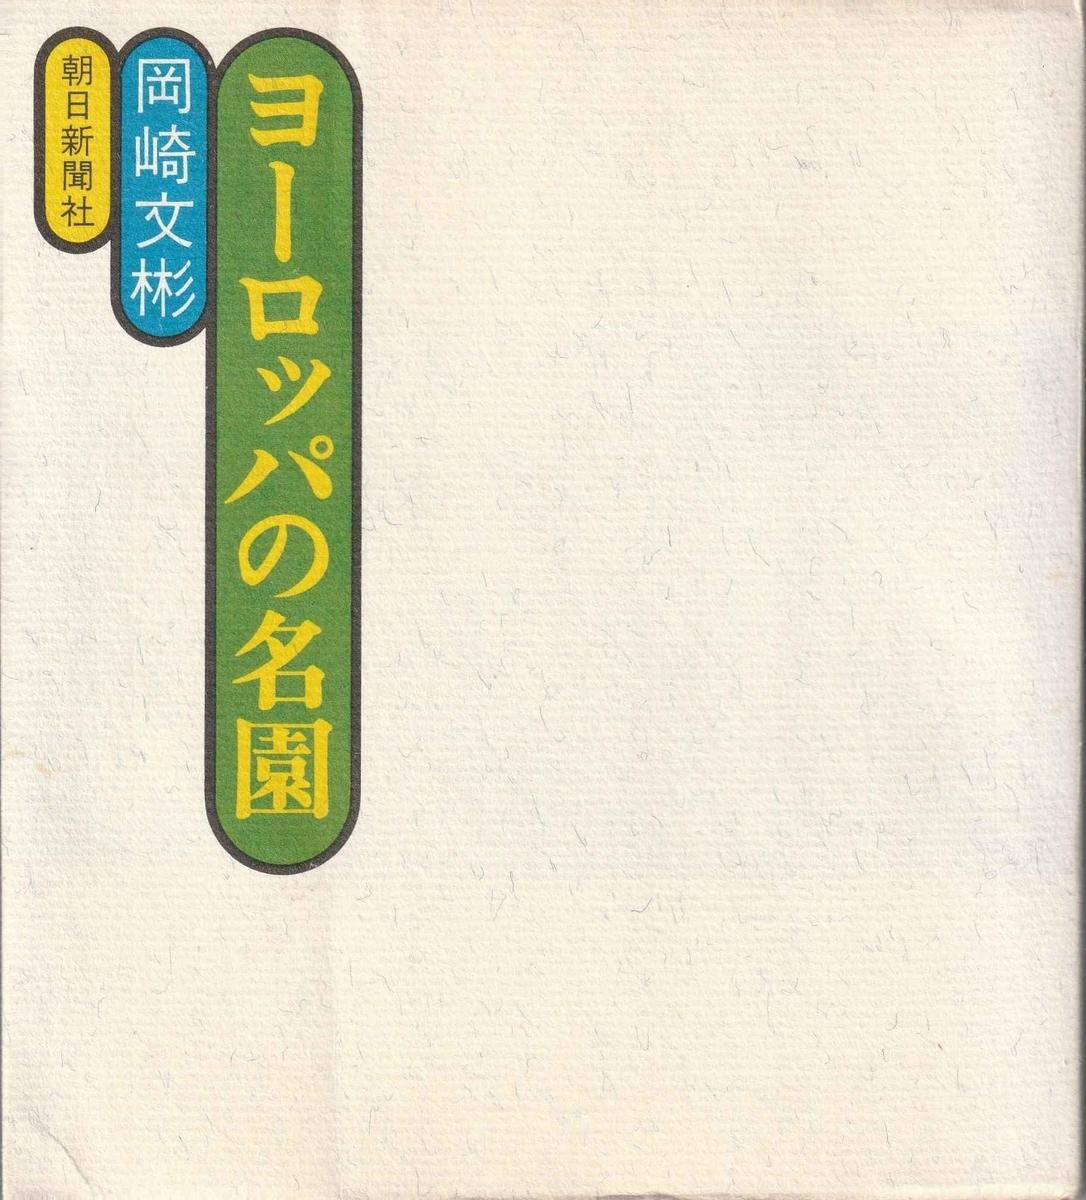 f:id:ikoma-san-jin:20210825100101j:plain:w164